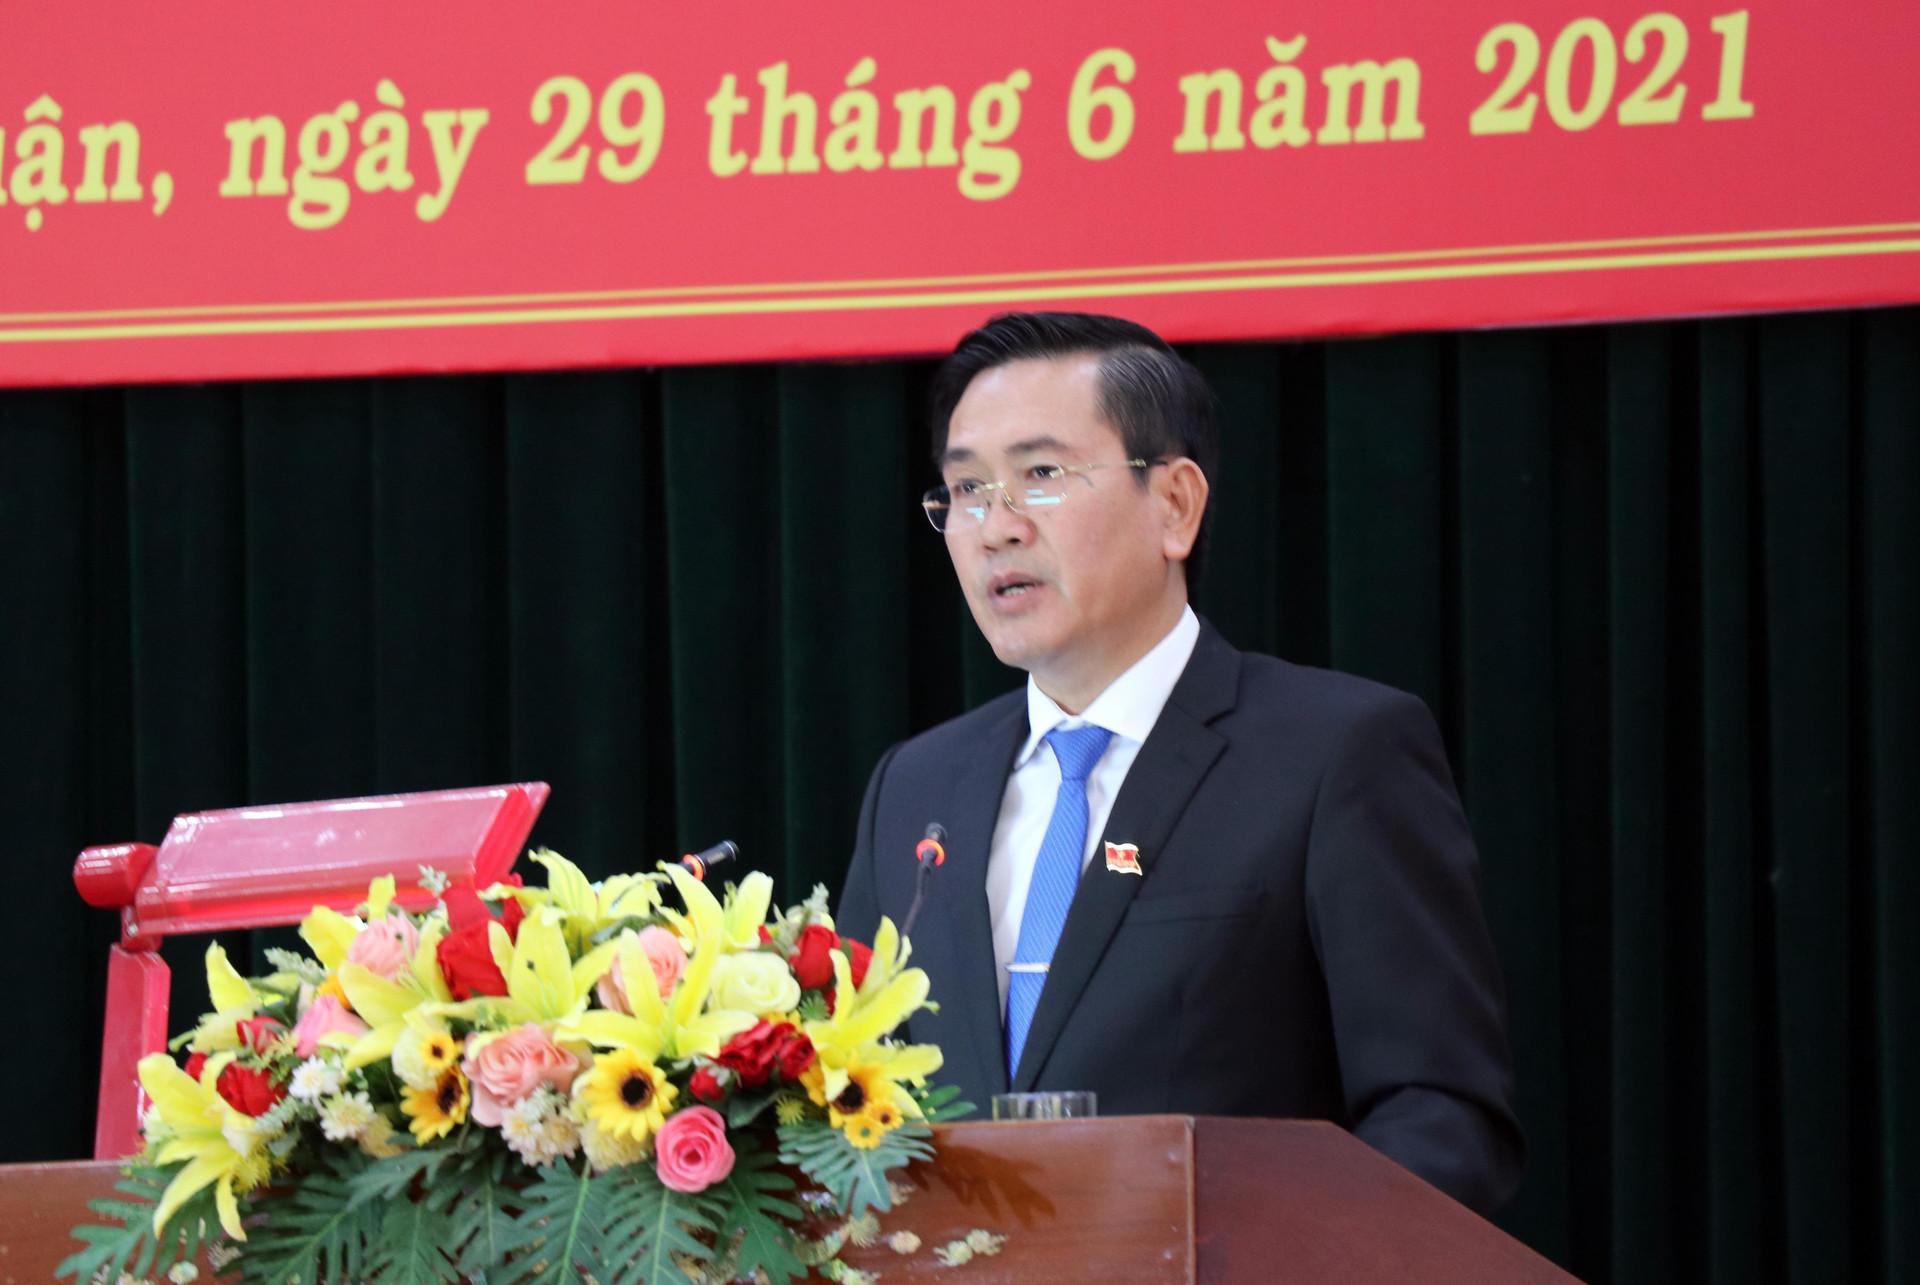 Ong Pham Van Hau giu chuc Chu tich Hoi dong nhan dan tinh Ninh Thuan hinh anh 1